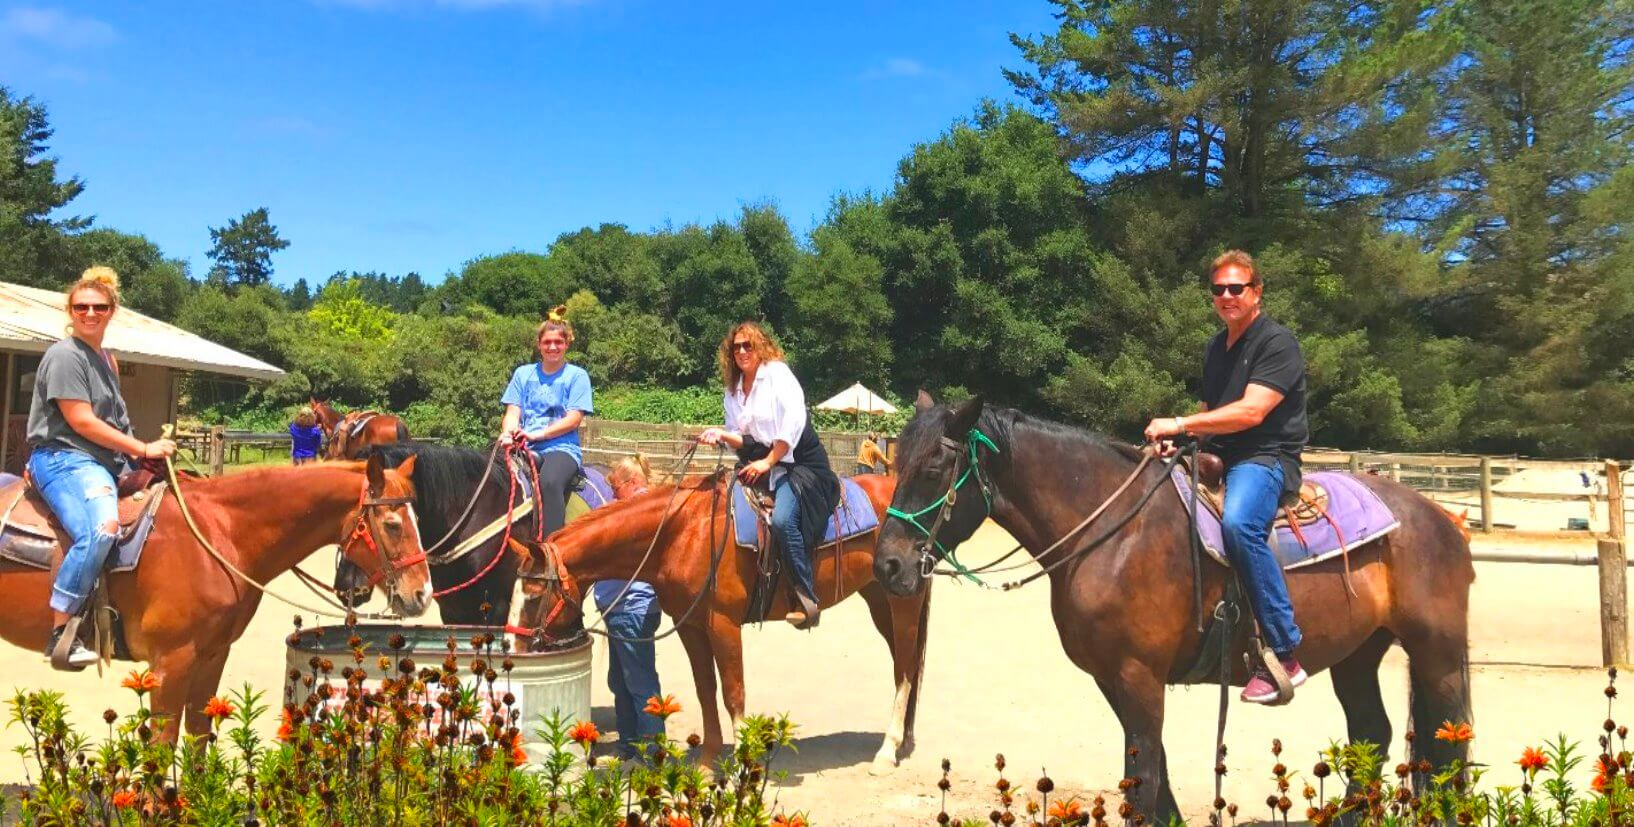 montar-a-caballo-Horseback-Rides